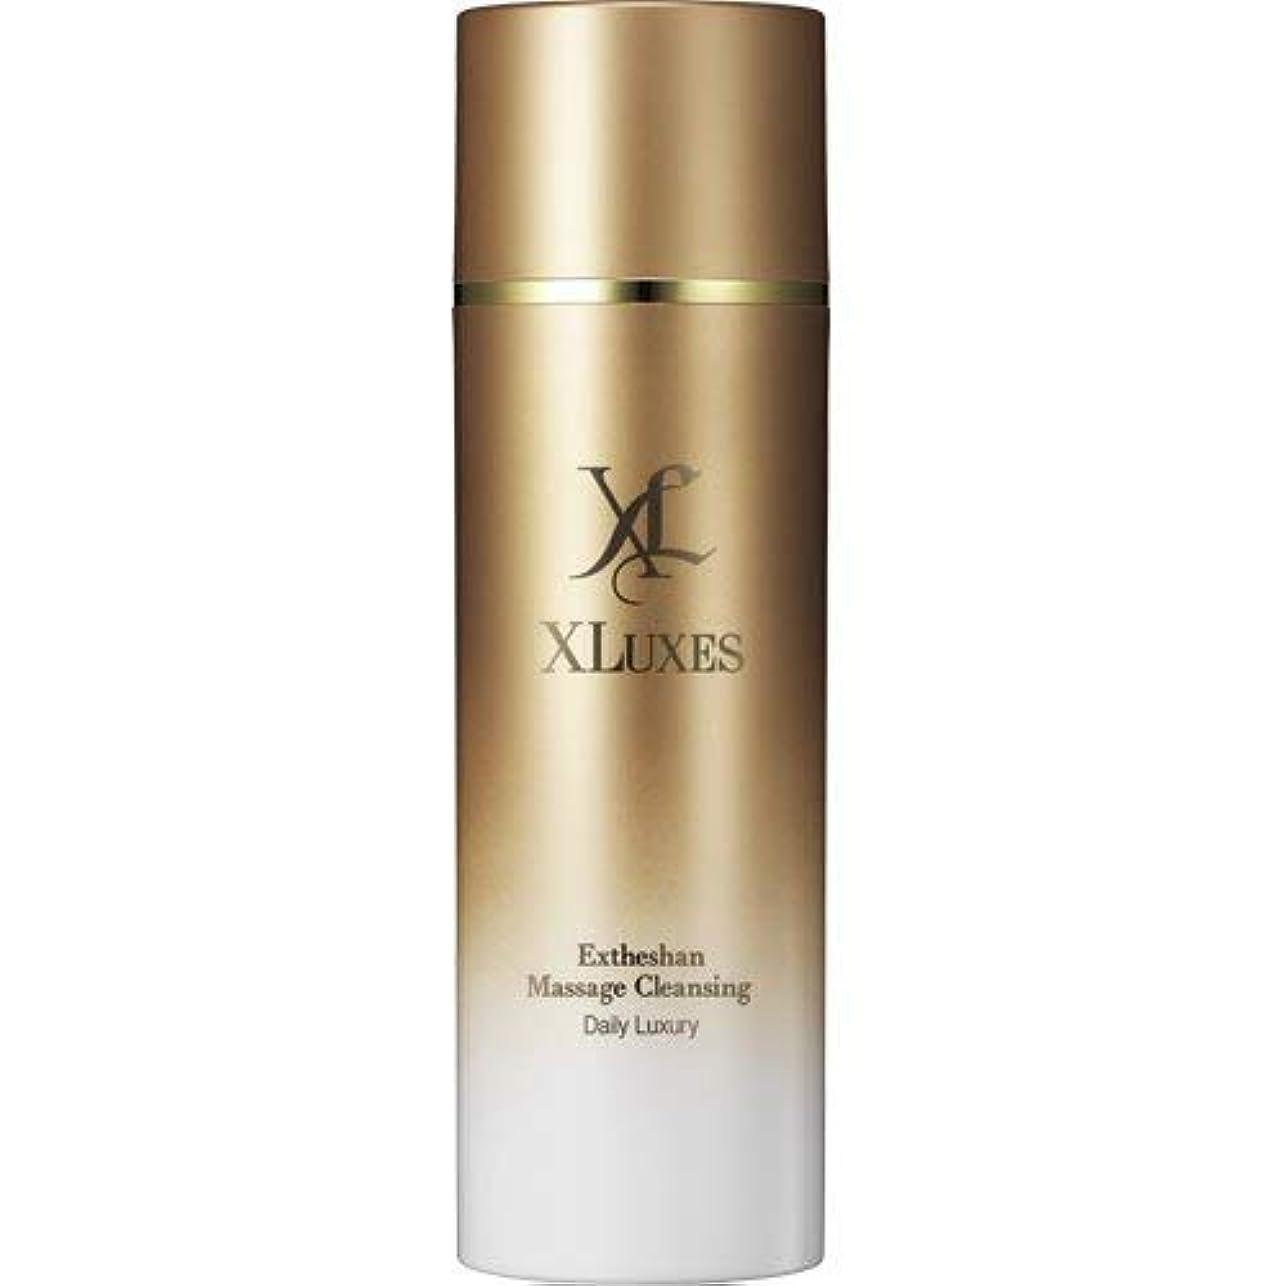 逆にケージレギュラーXLUXES クレンジング [ヒト幹細胞 培養液配合] エグゼティシャン マッサージクレンジング (ダマスクローズの香り) メイク落とし